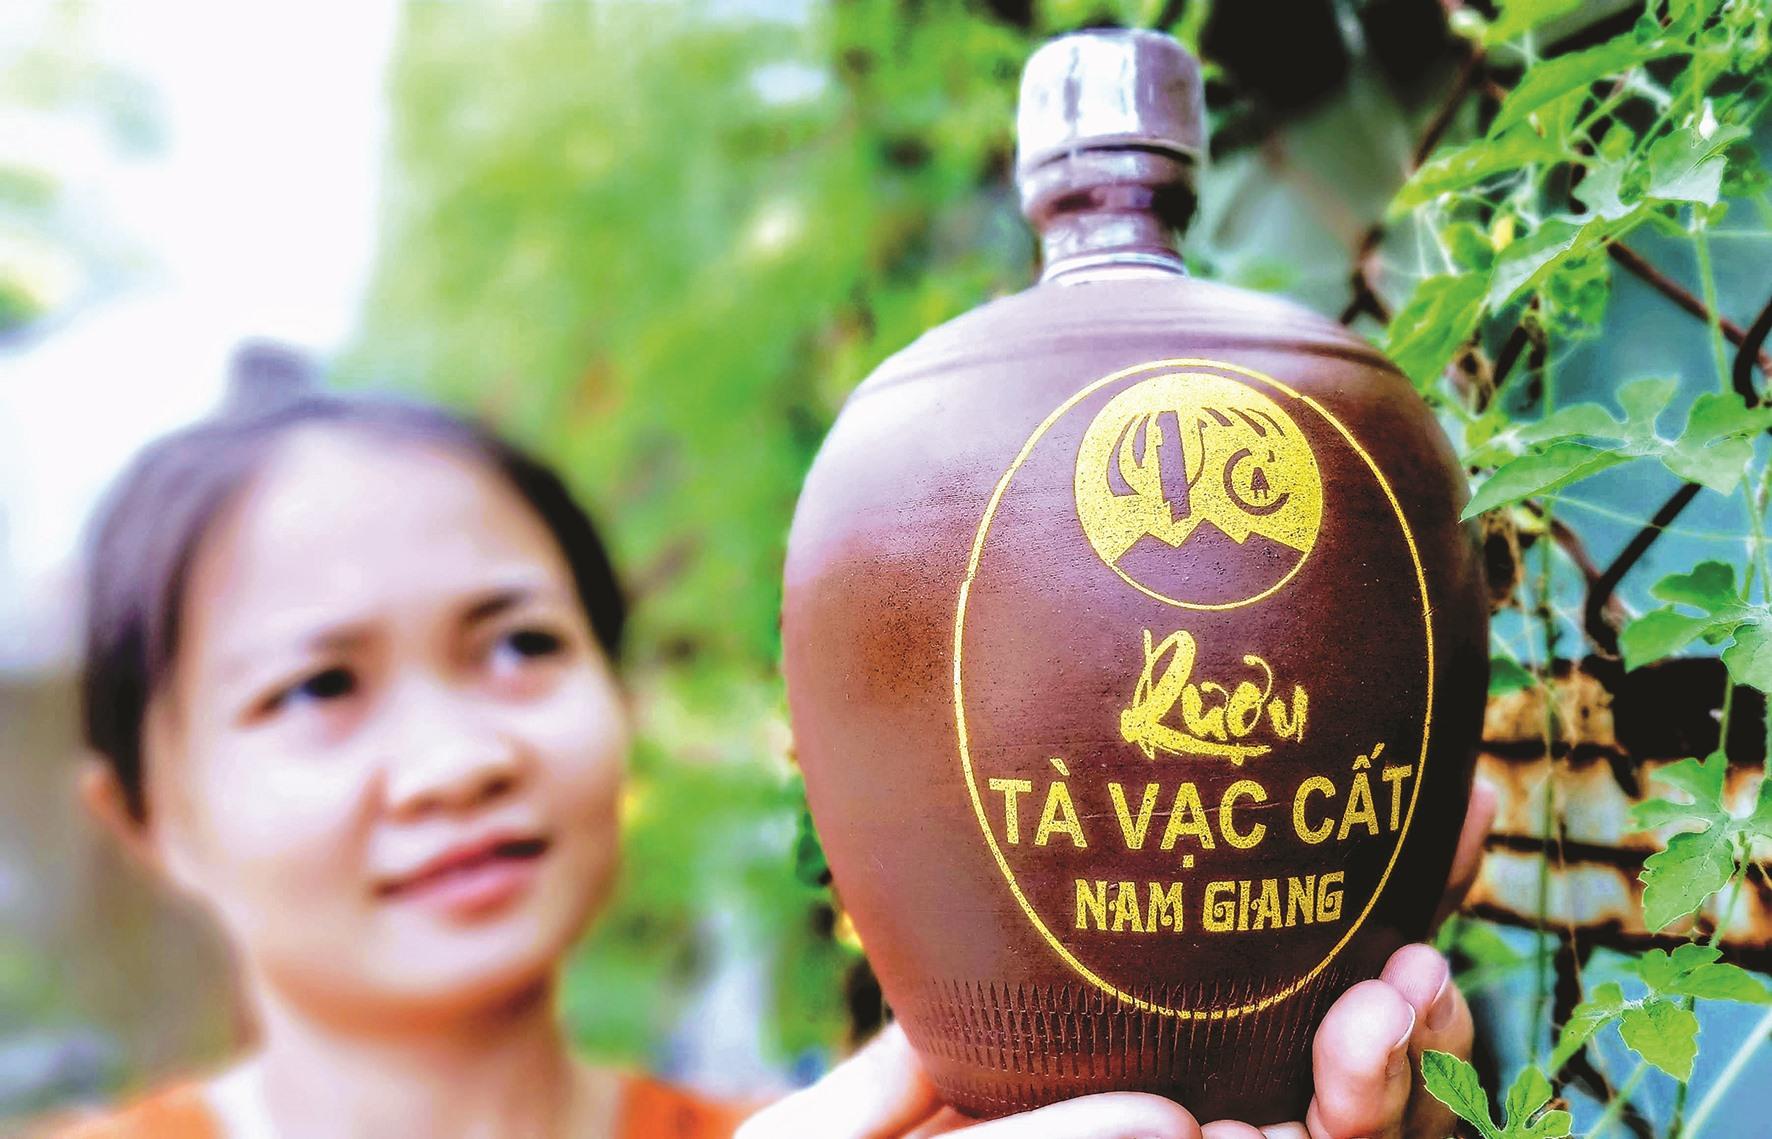 """Ngoài rượu tà vạc truyền thống, người vùng cao bắt đầu hình thành lạo sản phẩm """"rượu trời"""" theo công nghệ chưng cất hiện đại. Ảnh: Đ.N"""